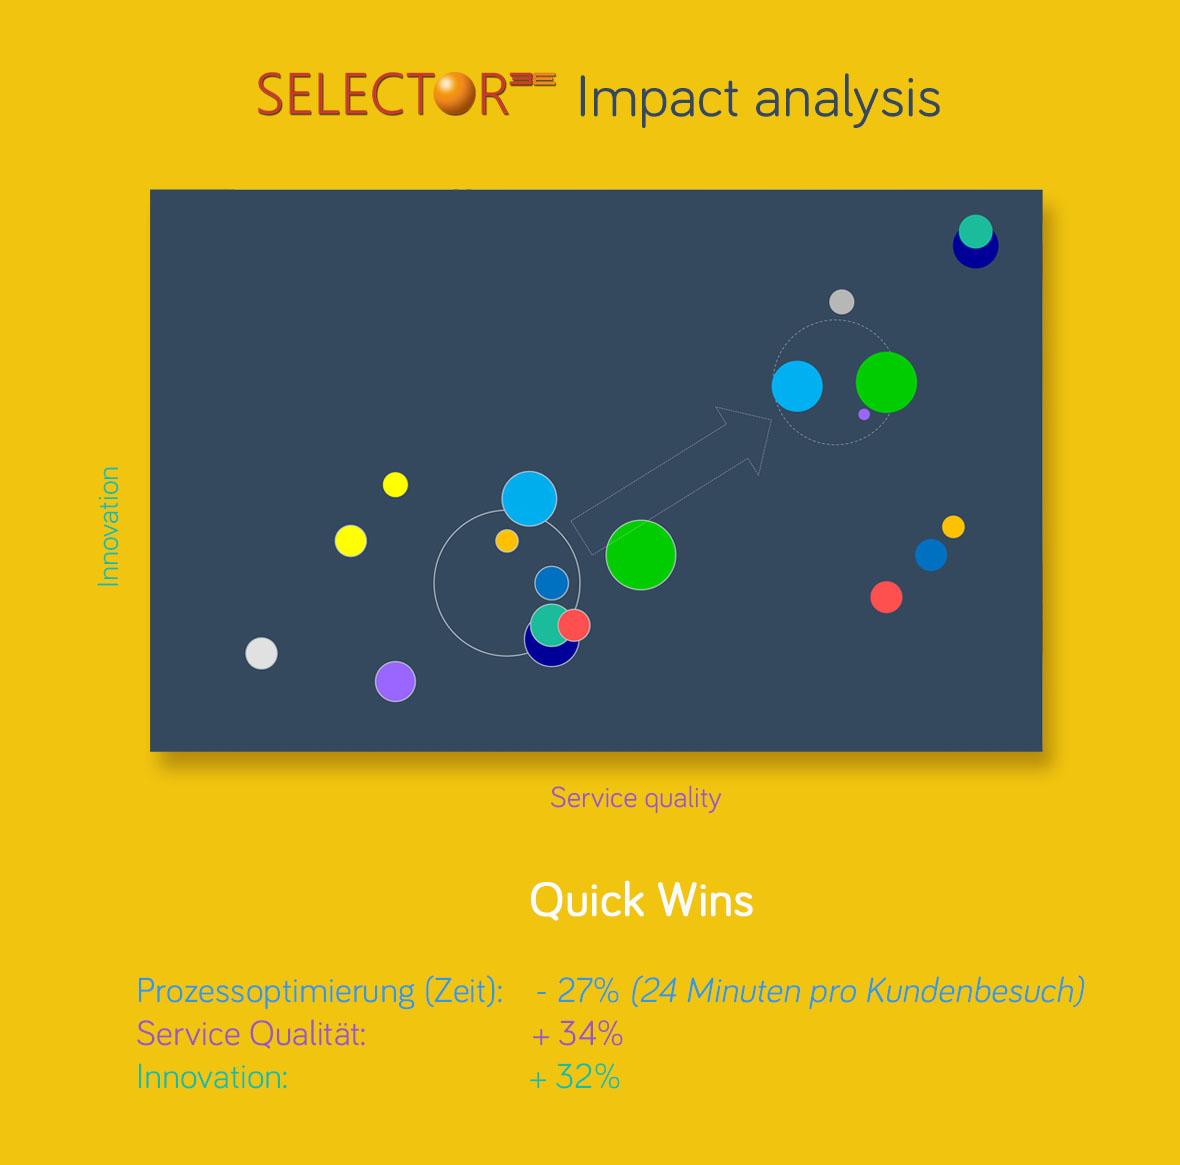 Mehr Informationen über den Use Case: Wie NTN/SNR (22.000 Mitarbeiter) mit Selector 3E die Effizienz seines Außendienstes (Besuchszeit: – 24 Minuten) und die Kundenzufriedenheit (+33%) entscheidend erhöht hat.